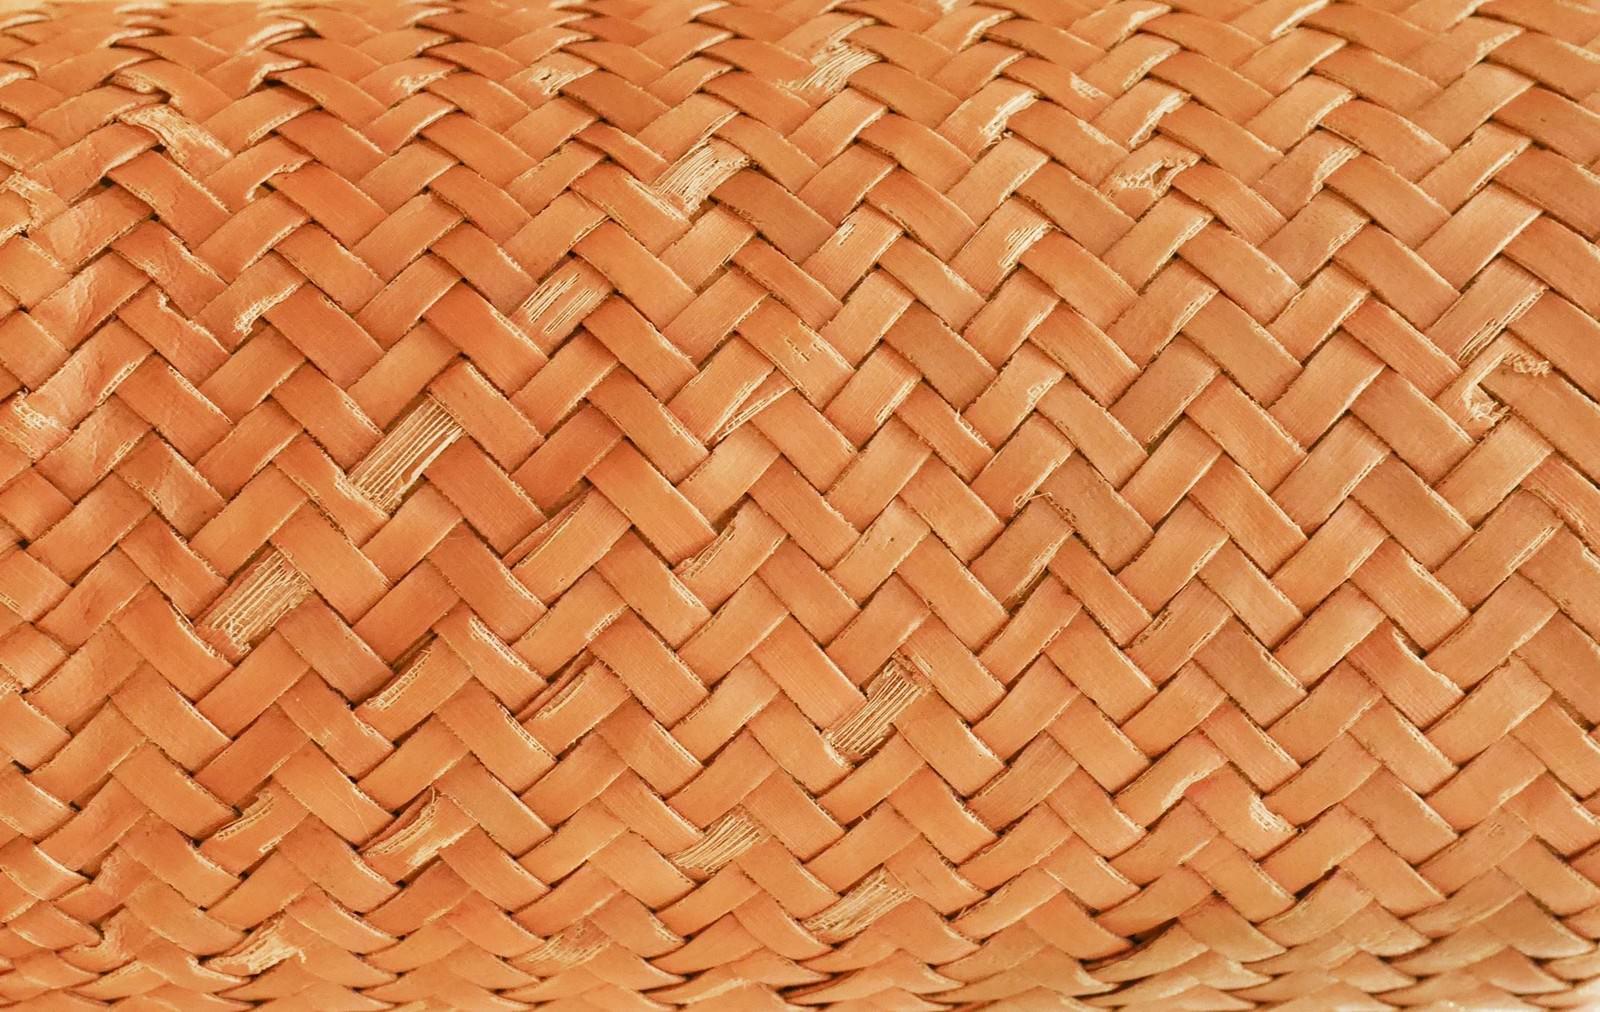 「竹編みのテクスチャー」の写真